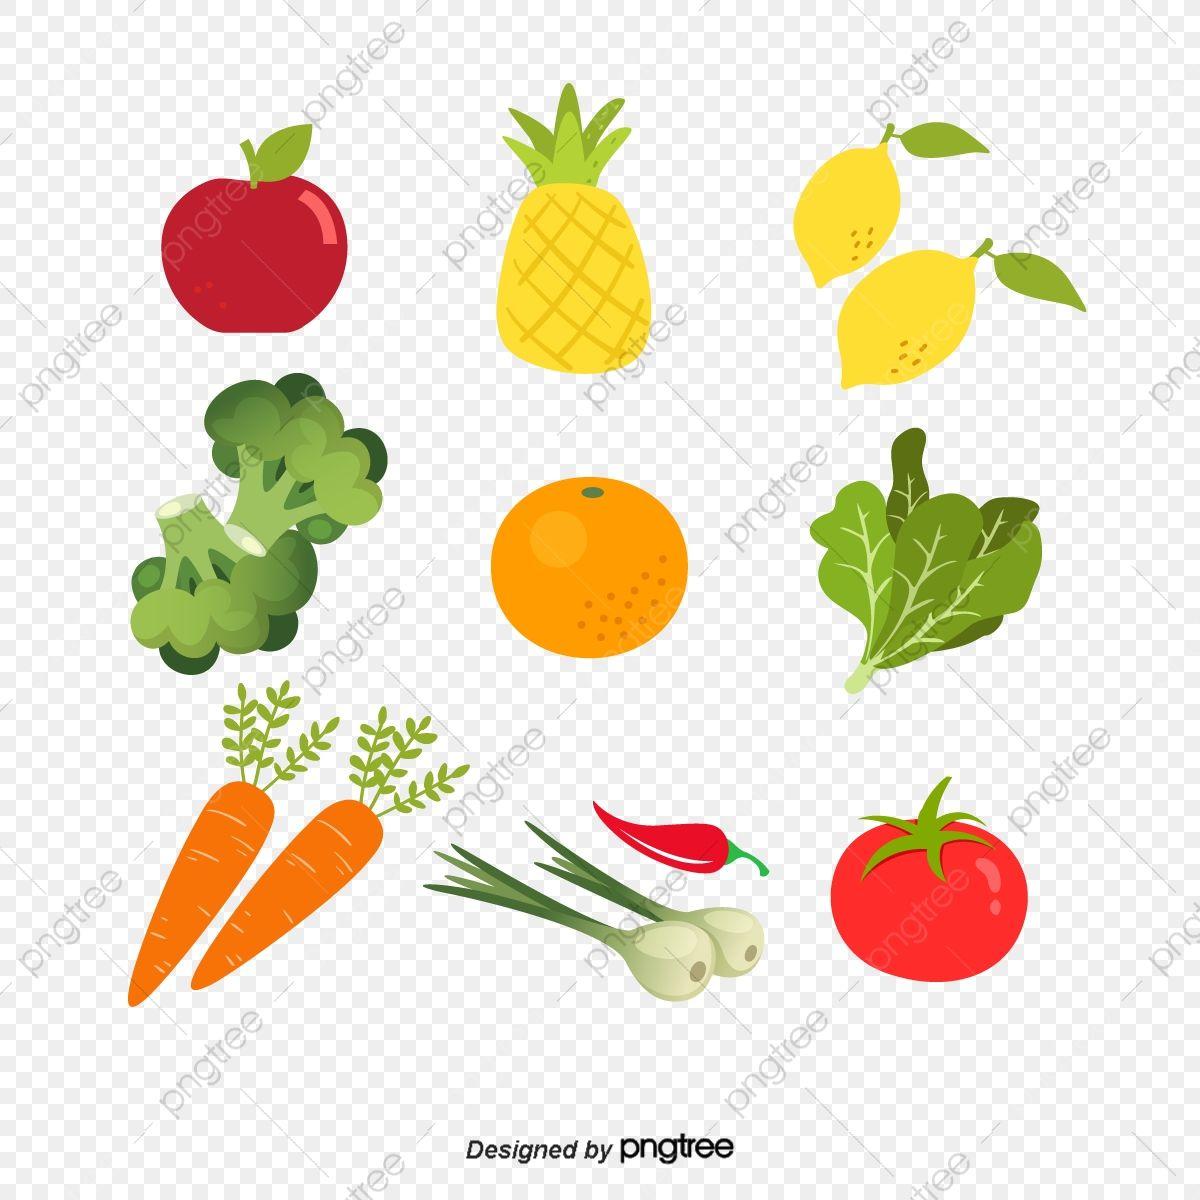 Vector De Frutas Y Verduras Verduras Frutas Vector Vector De Verduras Png Y Vector Para Descargar Gratis Pngtree Frutas Y Verduras Frutas Y Verduras Imagenes Verduras